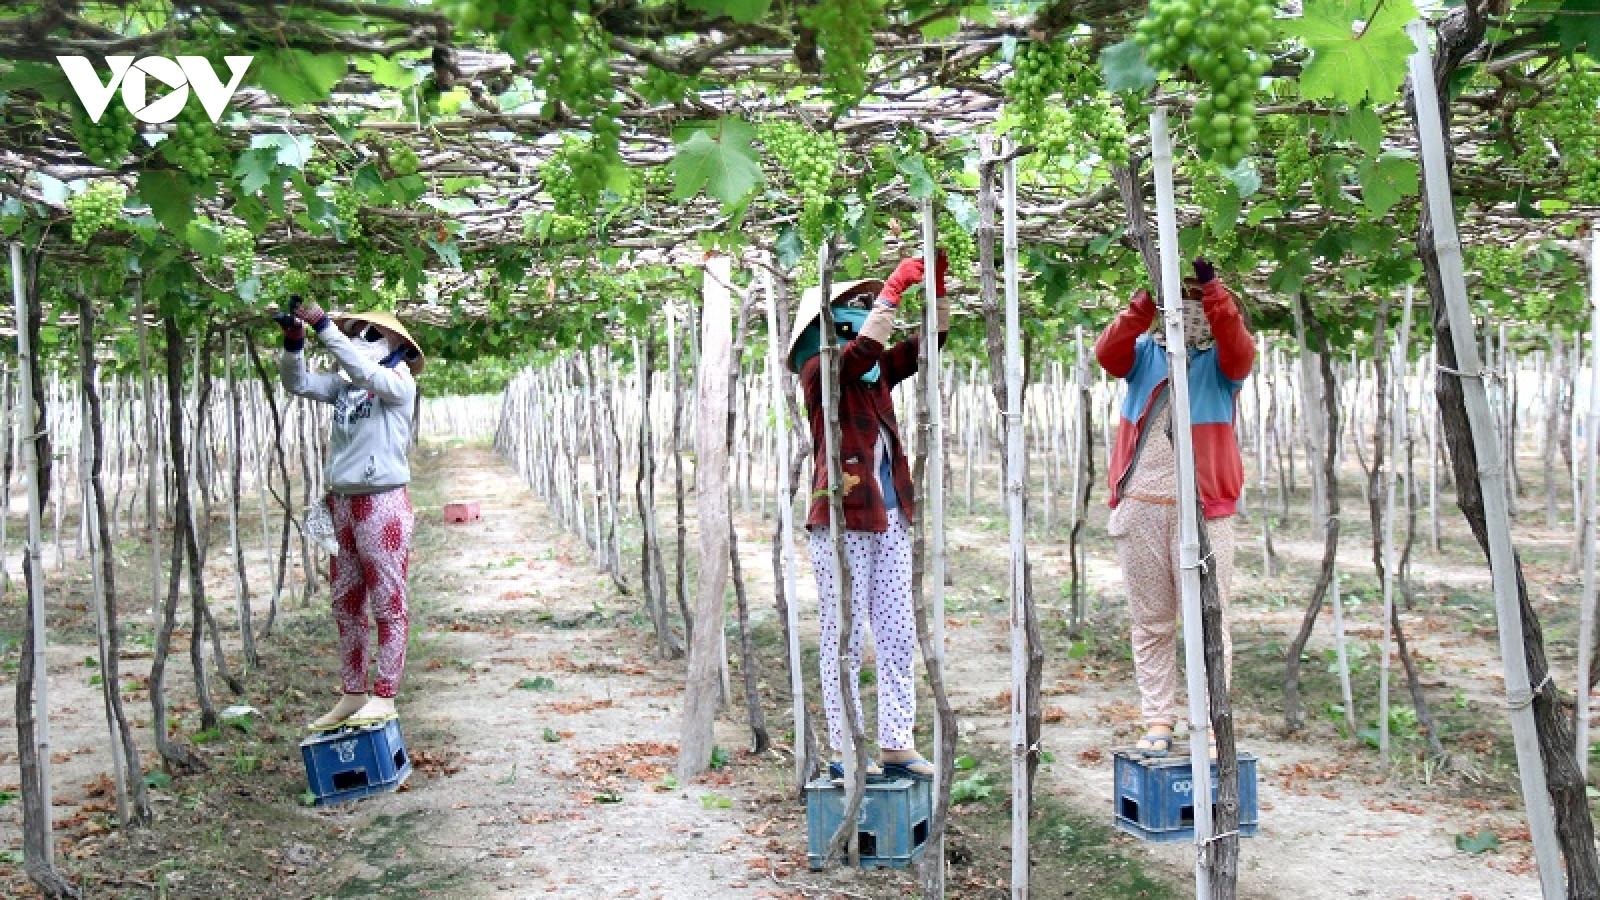 Tiềm năng du lịch nông nghiệp ở Bình Thuận chưa được khai thác đúng mức